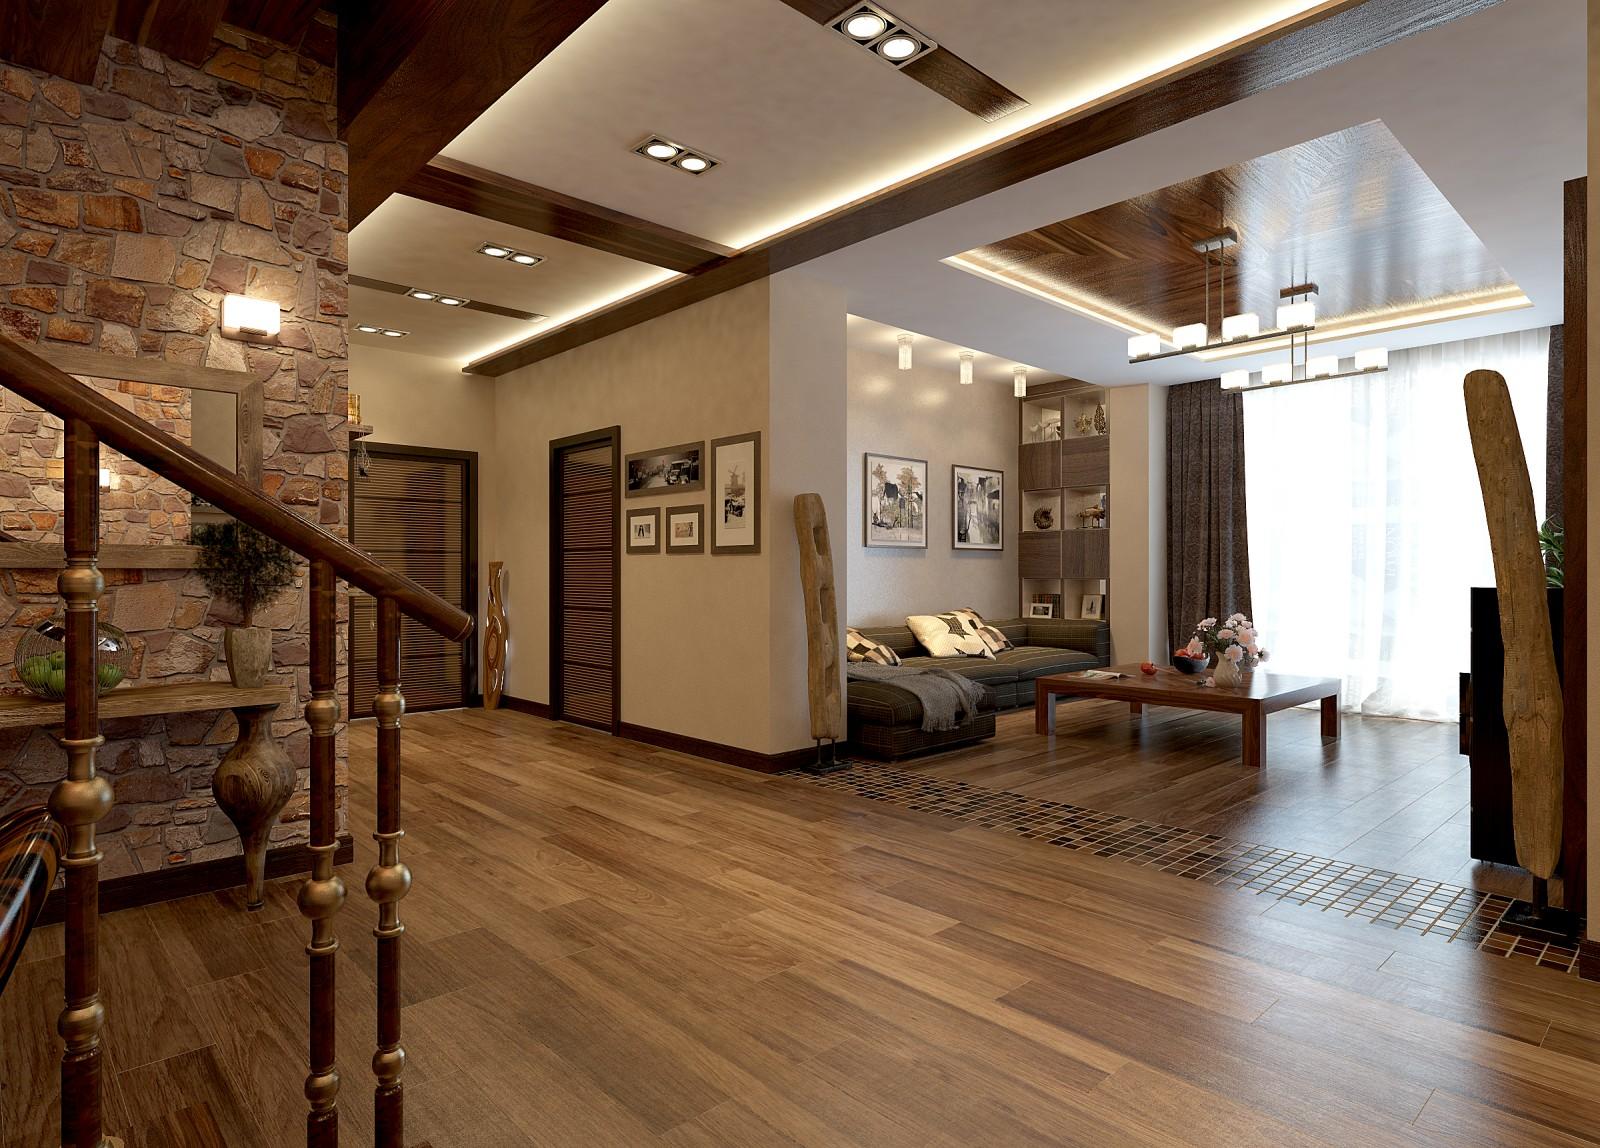 Дизайн интерьера внутри частного дома с элементами декорирования